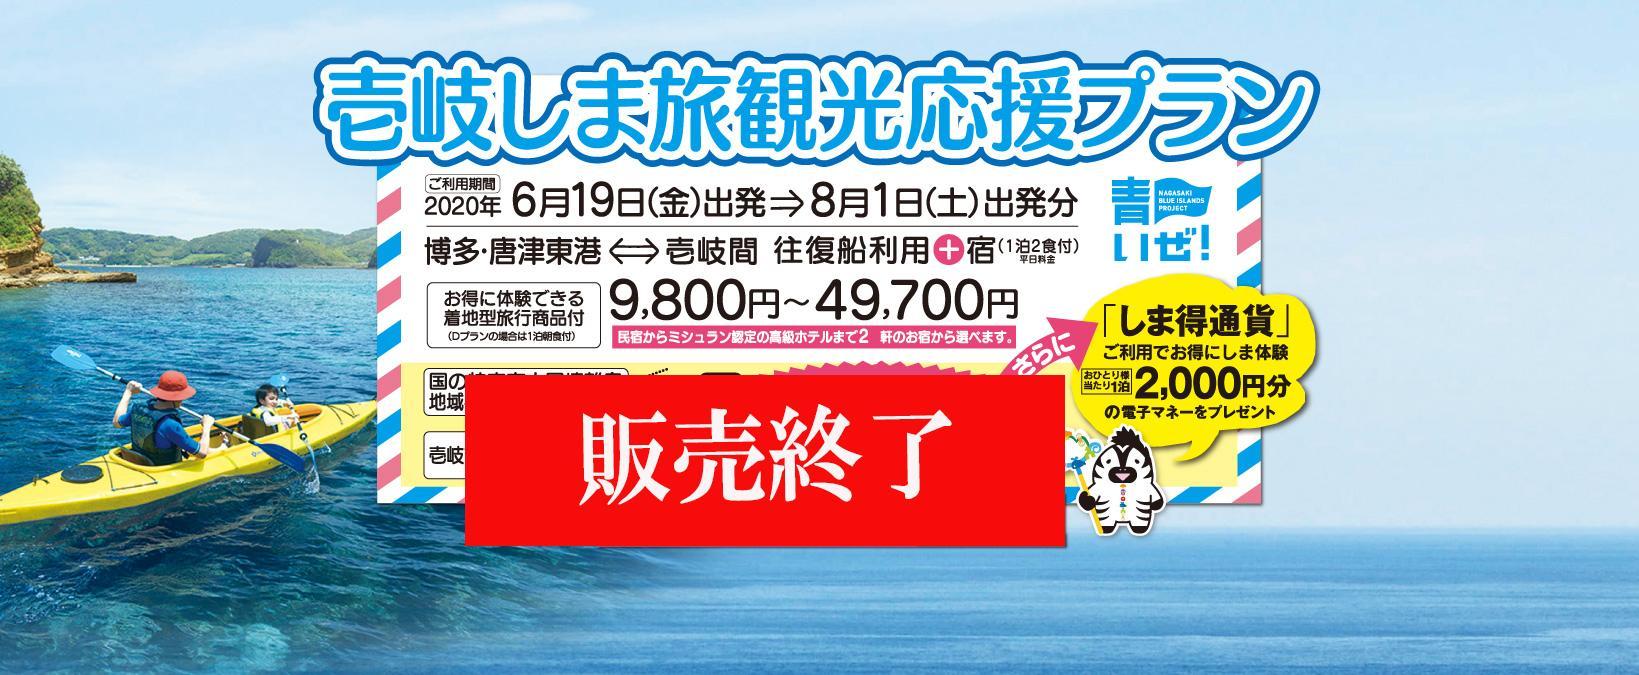 1泊2食付き!船往復も込み最大8,000円助成!『壱岐しま旅観光応援プラン』-3